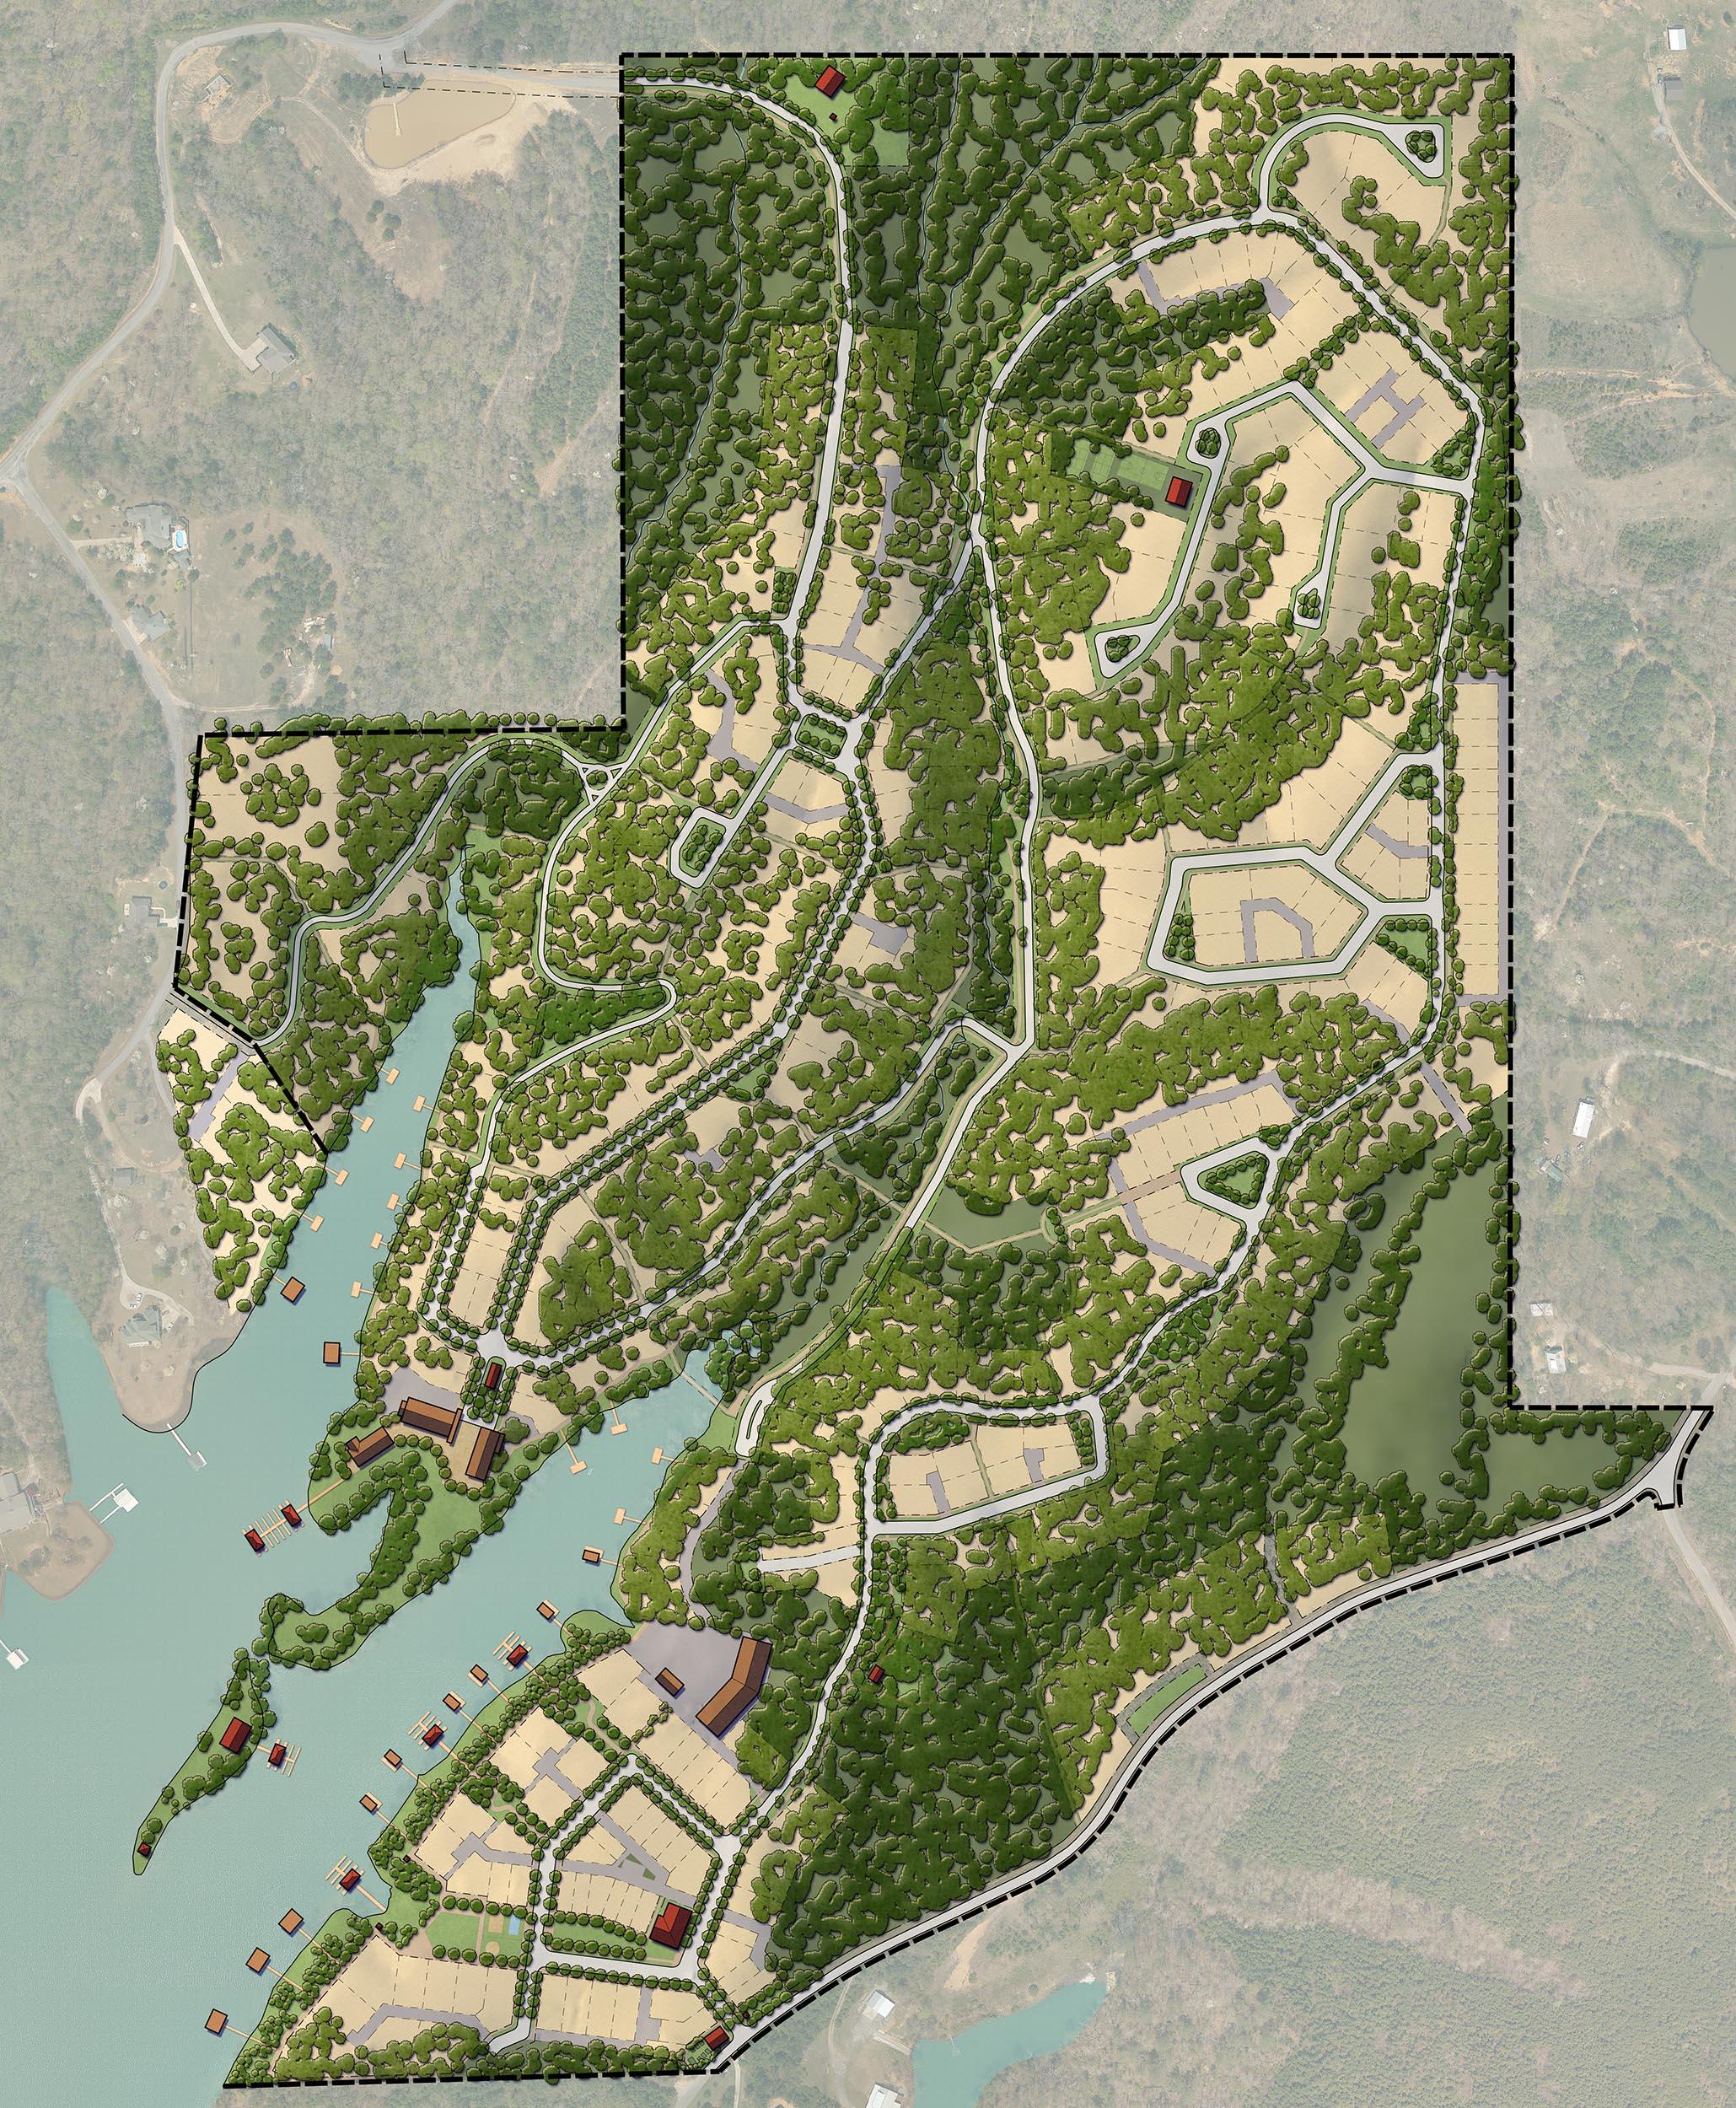 Lakeside_Plan.jpg